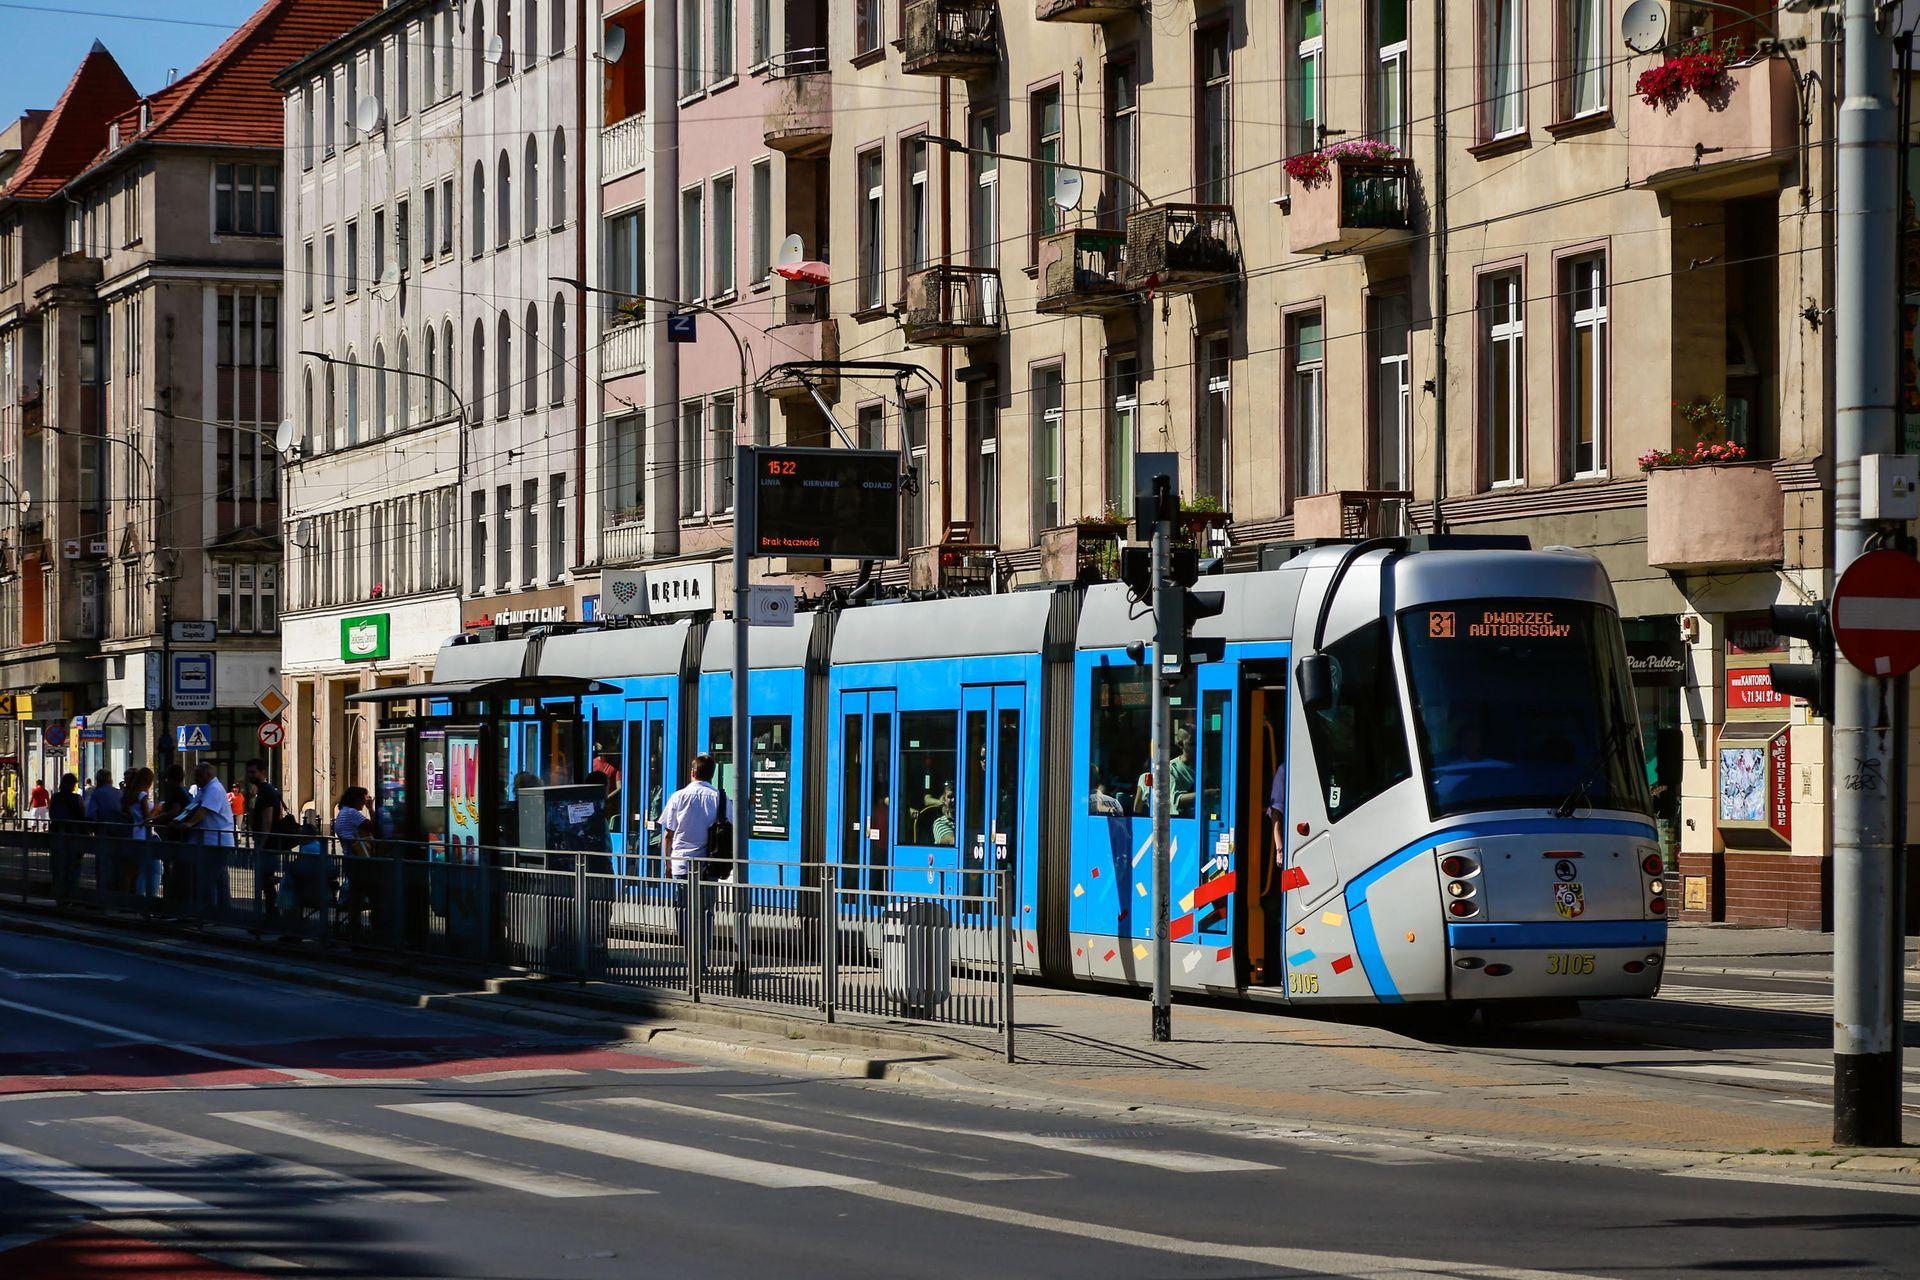 [Wrocław] Linie tramwajowe, drogi, parkingi. Jakie przetargi planuje miasto w 2017 roku?